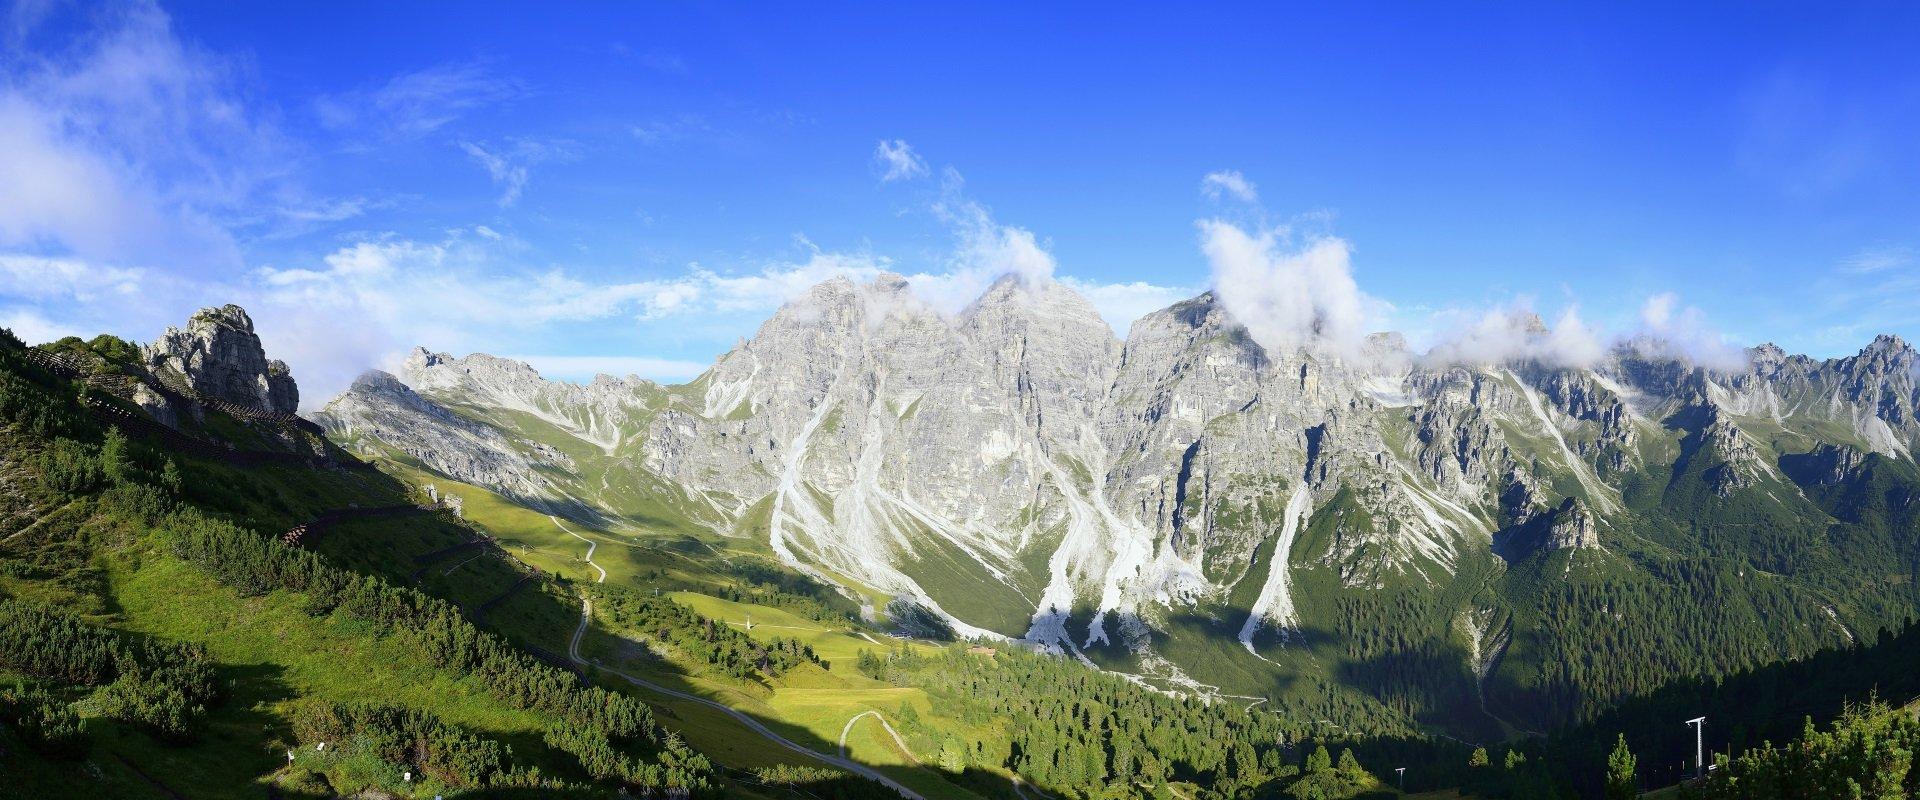 schlick-uitzicht-kalkkogel-tirol-oostenrijk.jpg